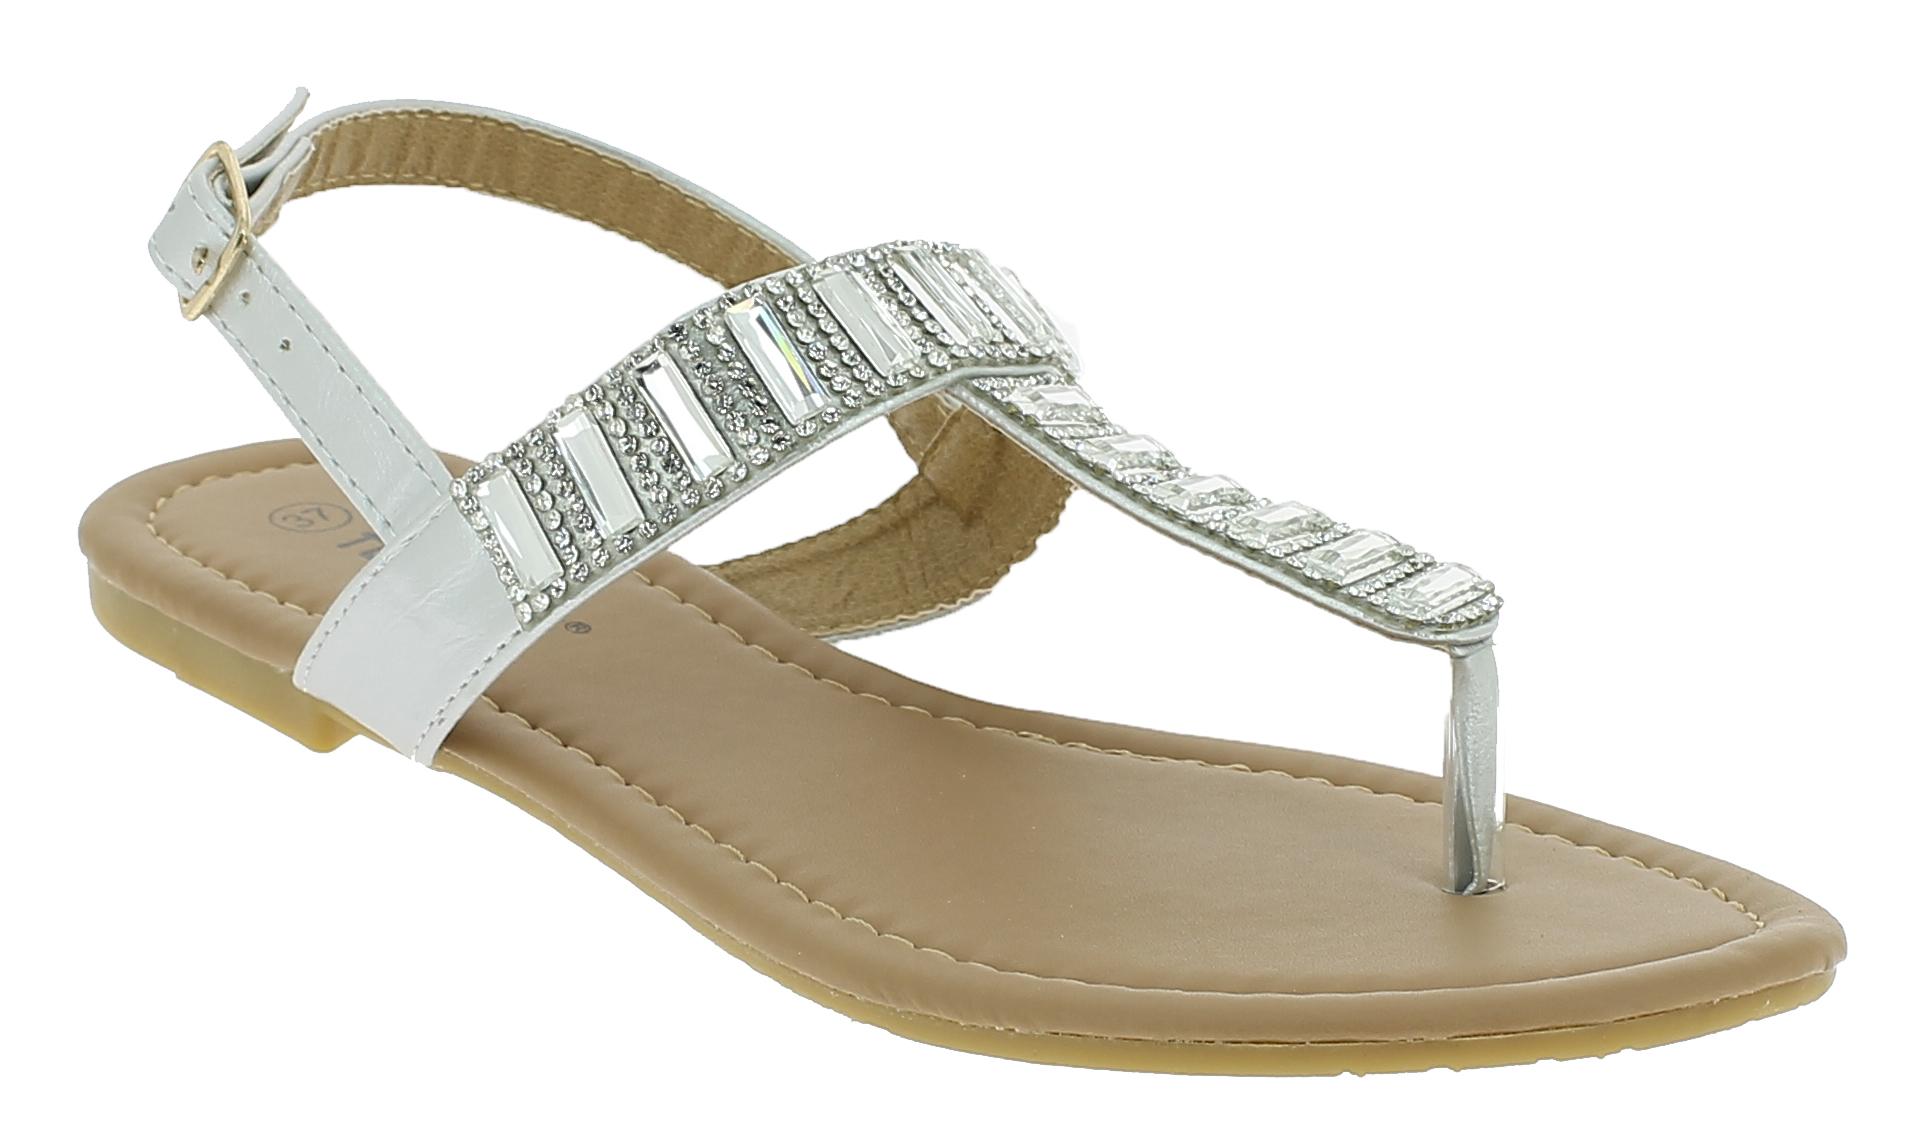 Γυναικεία Σανδάλια B721520 Ασημί - IqShoes - B721520 SILVER silver 37/1/35/27 παπούτσια  γυναικεία σανδάλια   πέδιλα